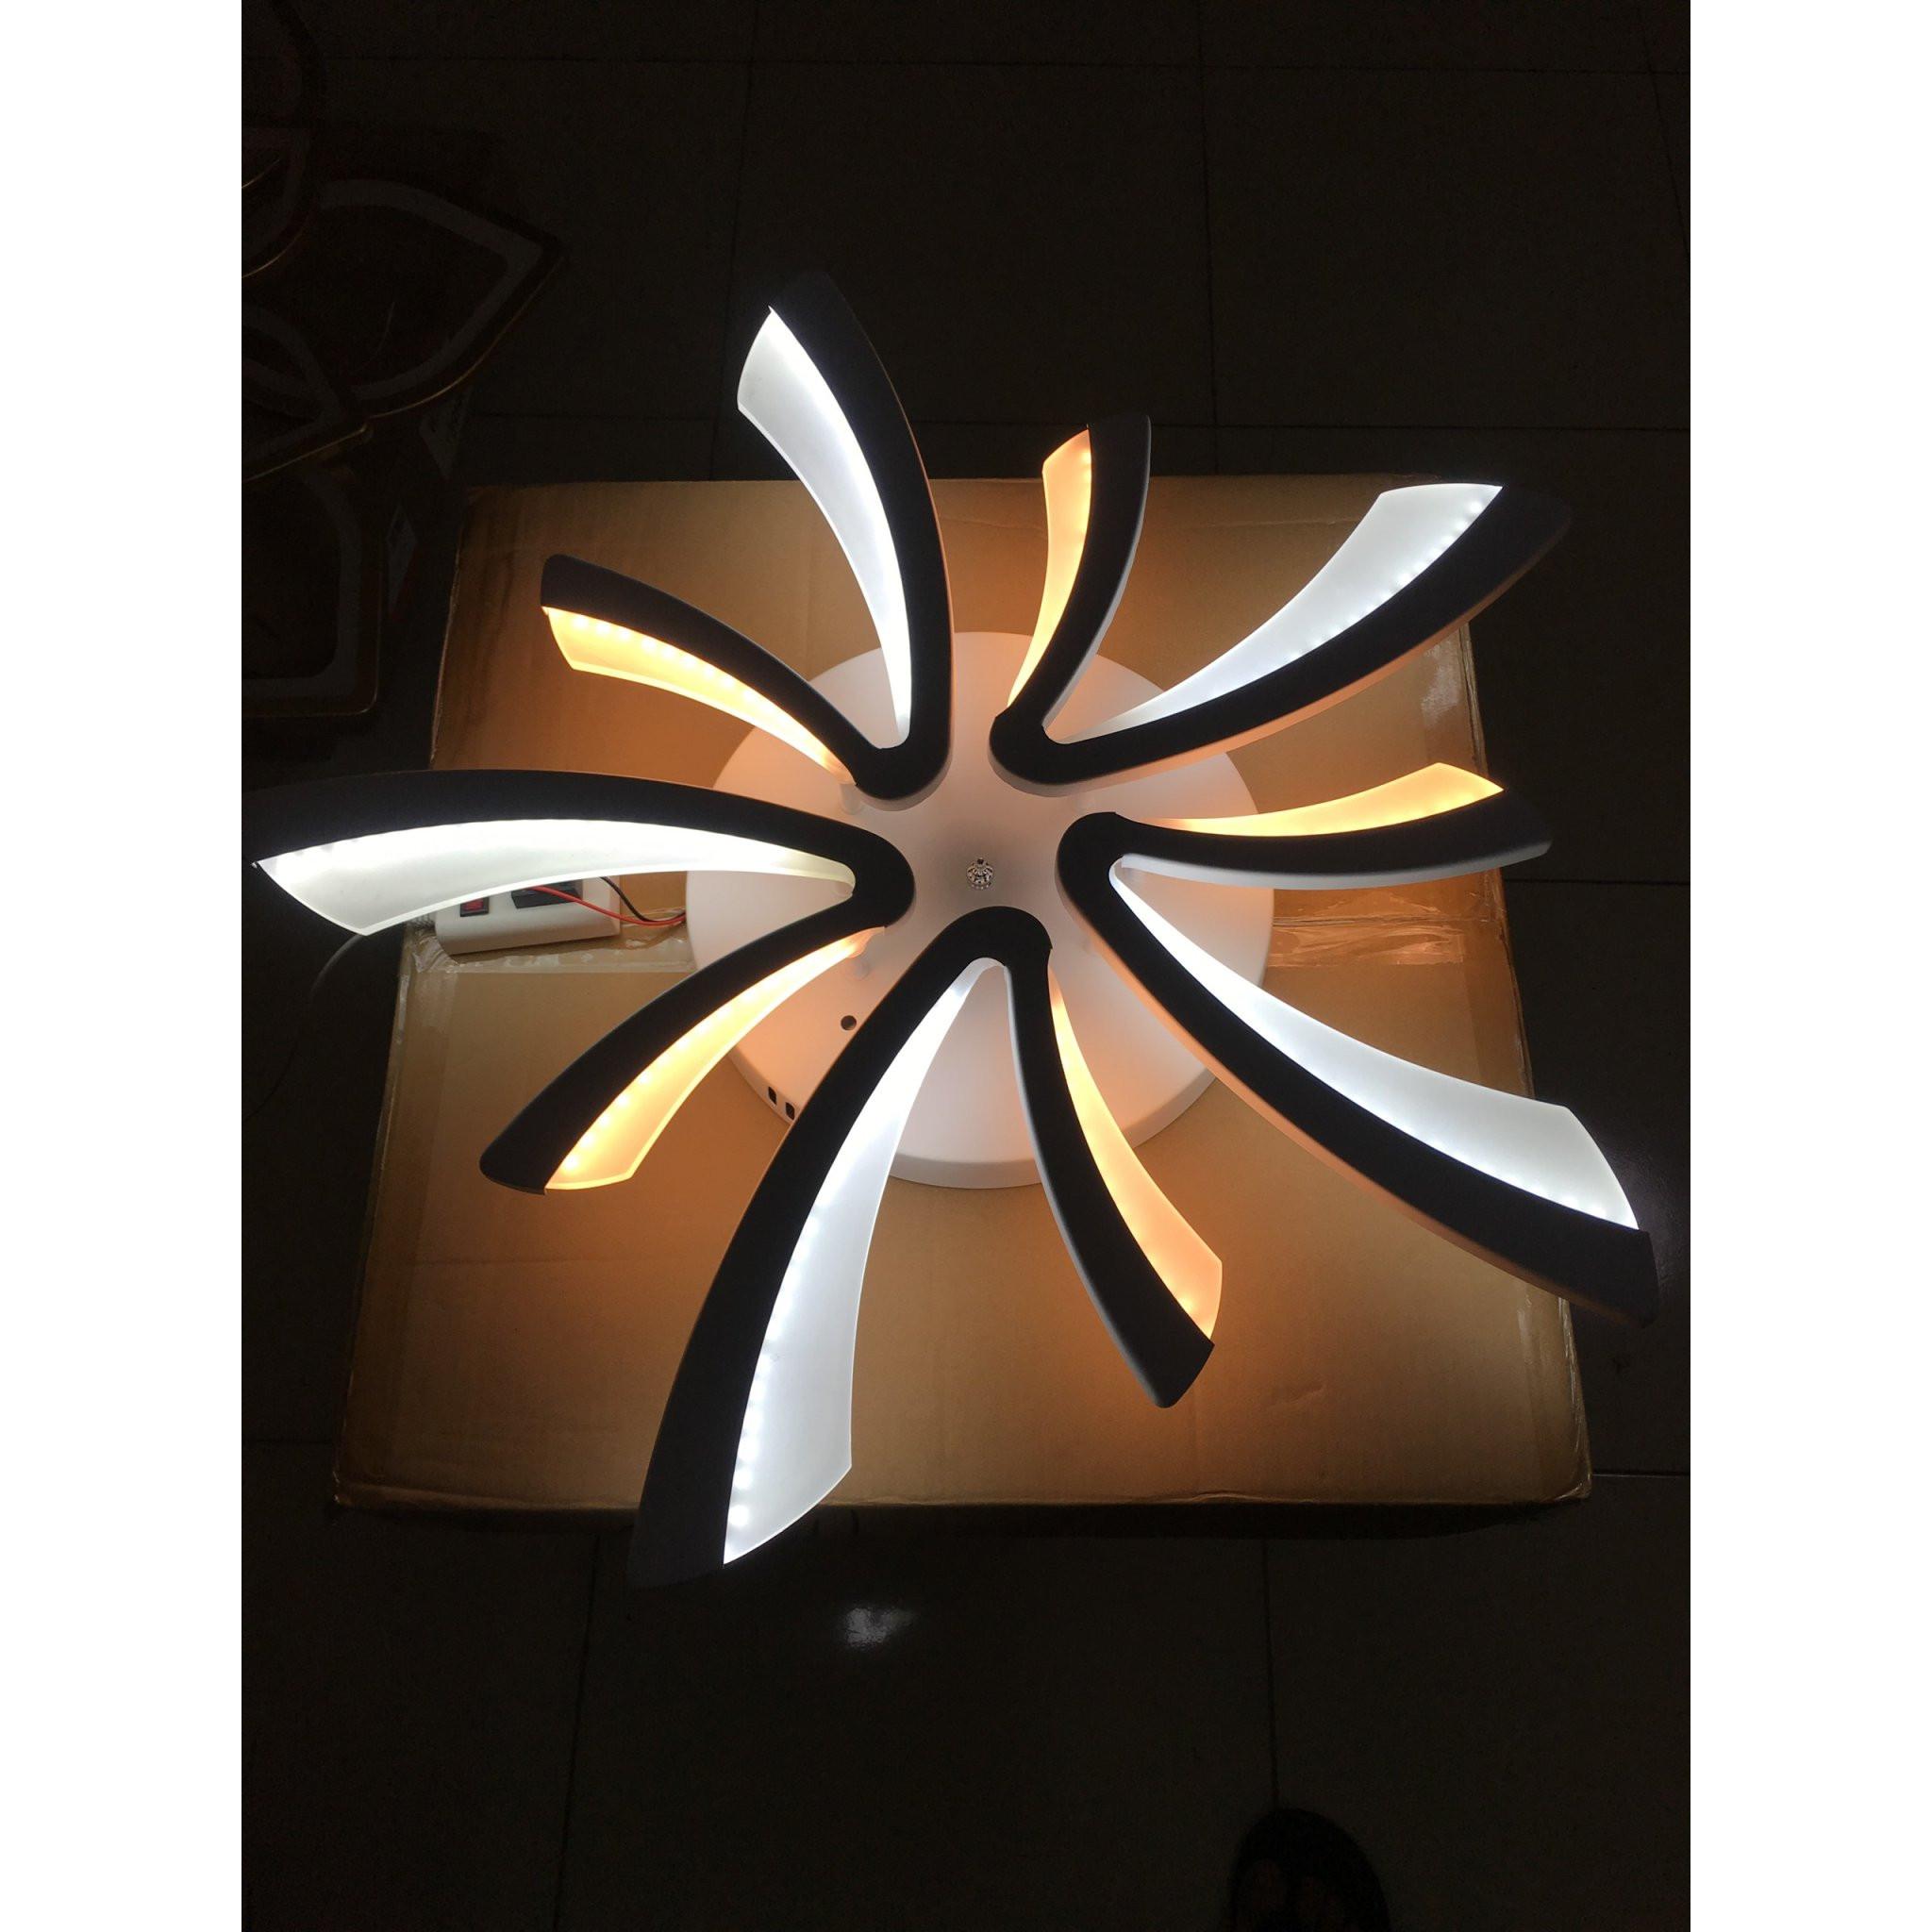 Đèn mâm sát trần led meka 3 chế độ ánh sáng + tặng kèm điều khiển từ xa